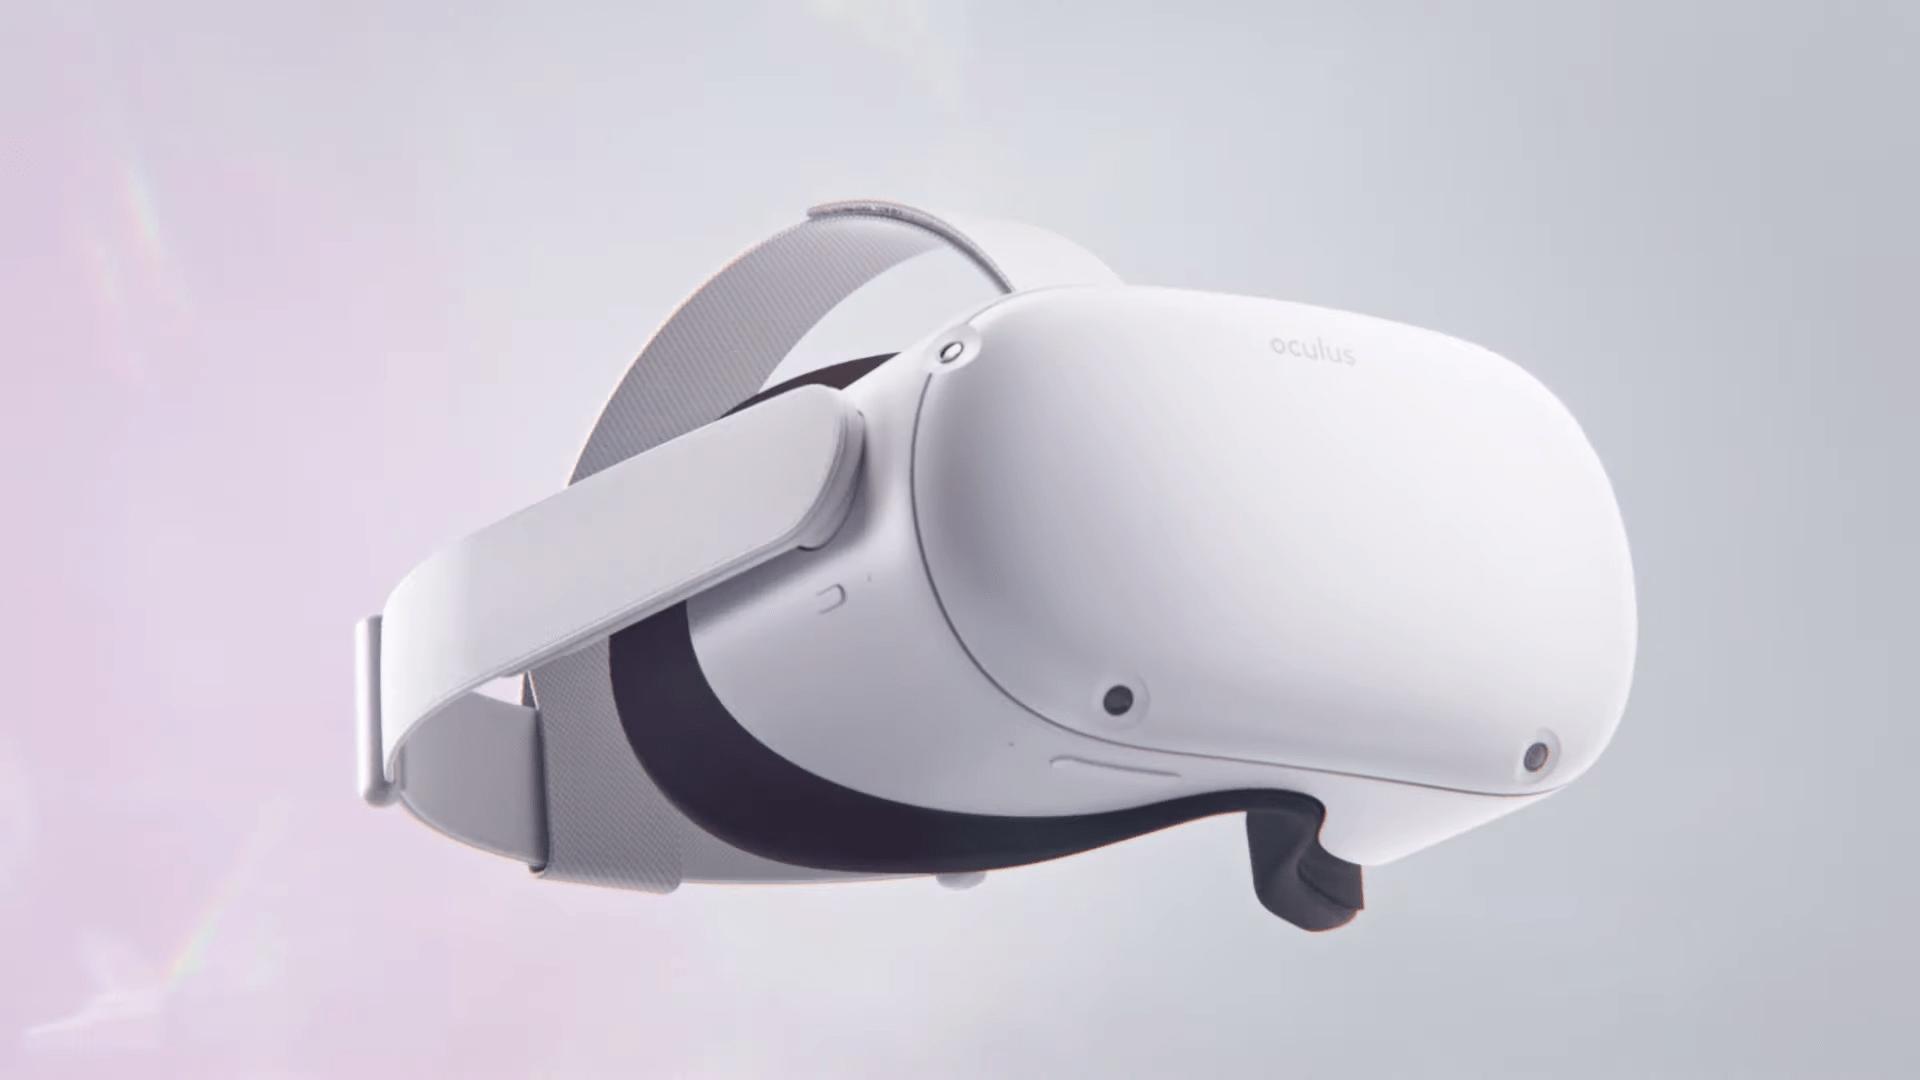 Facebook officialise son Oculus Quest 2 : quels changements pour ce casque VR tout-en-un ?